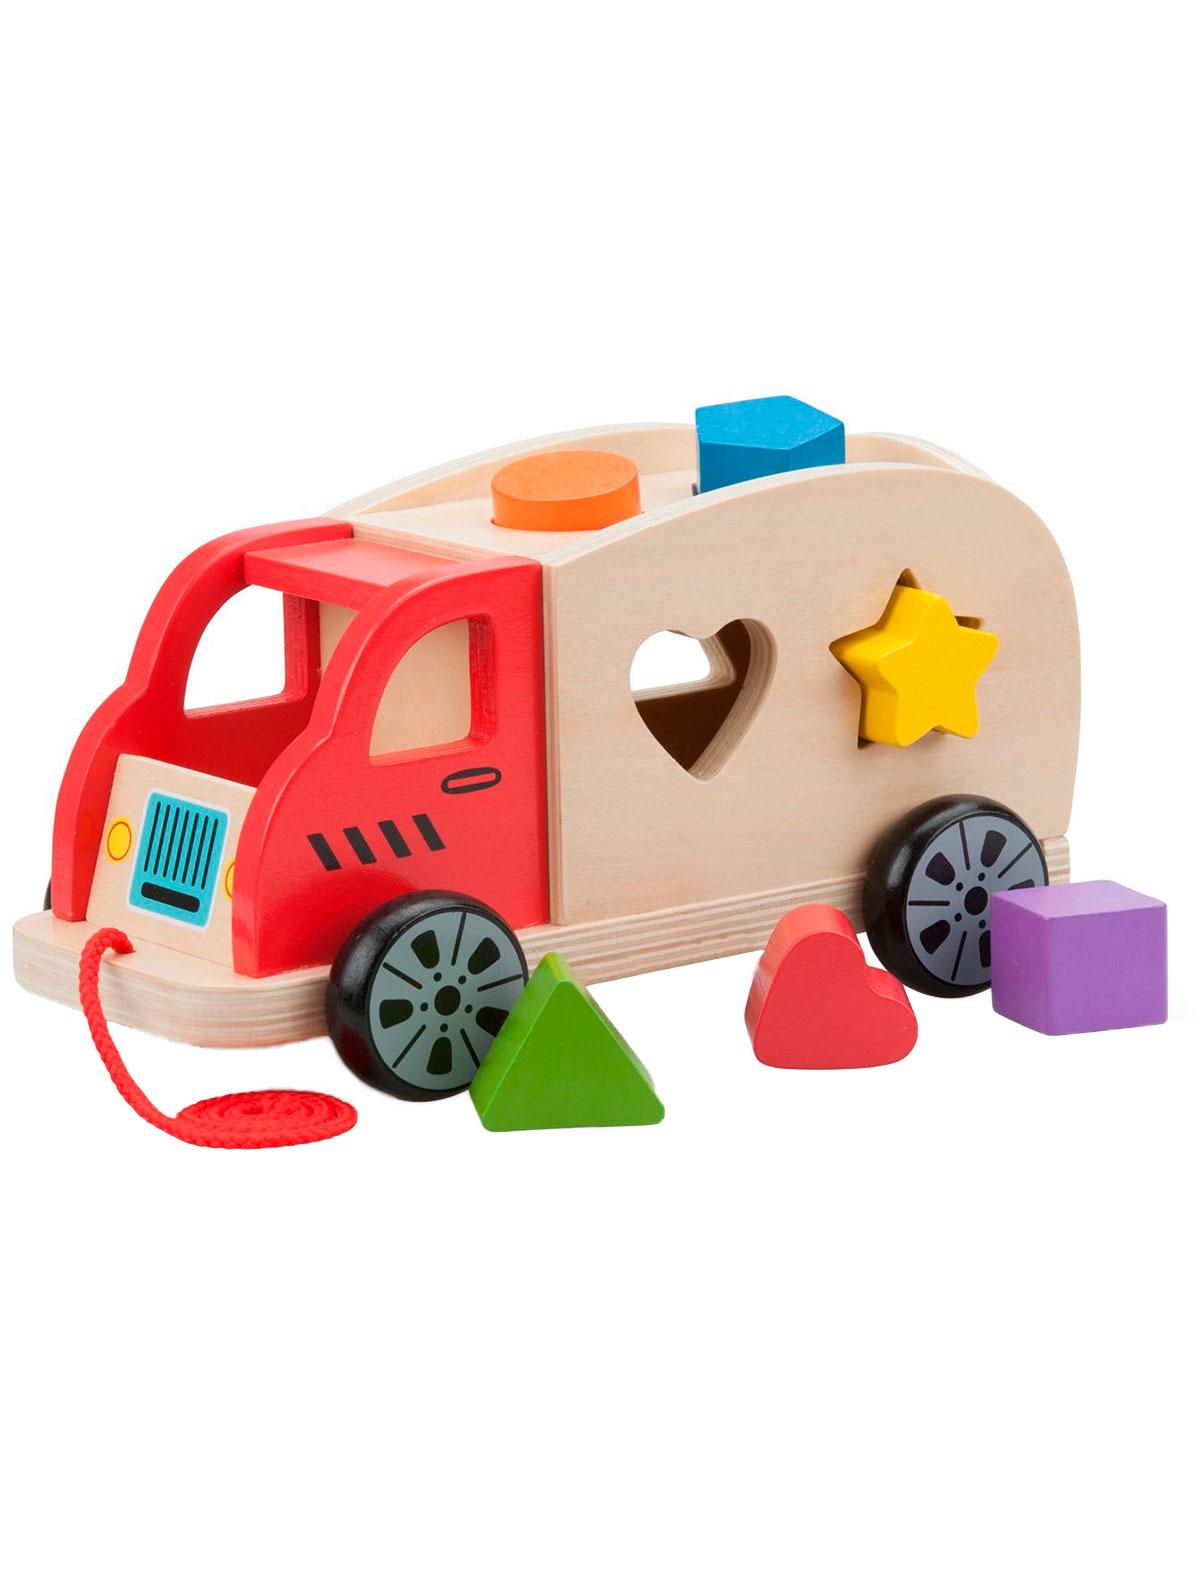 Купить 2220517, Игрушка New Classic Toys, разноцветный, 7134529071890